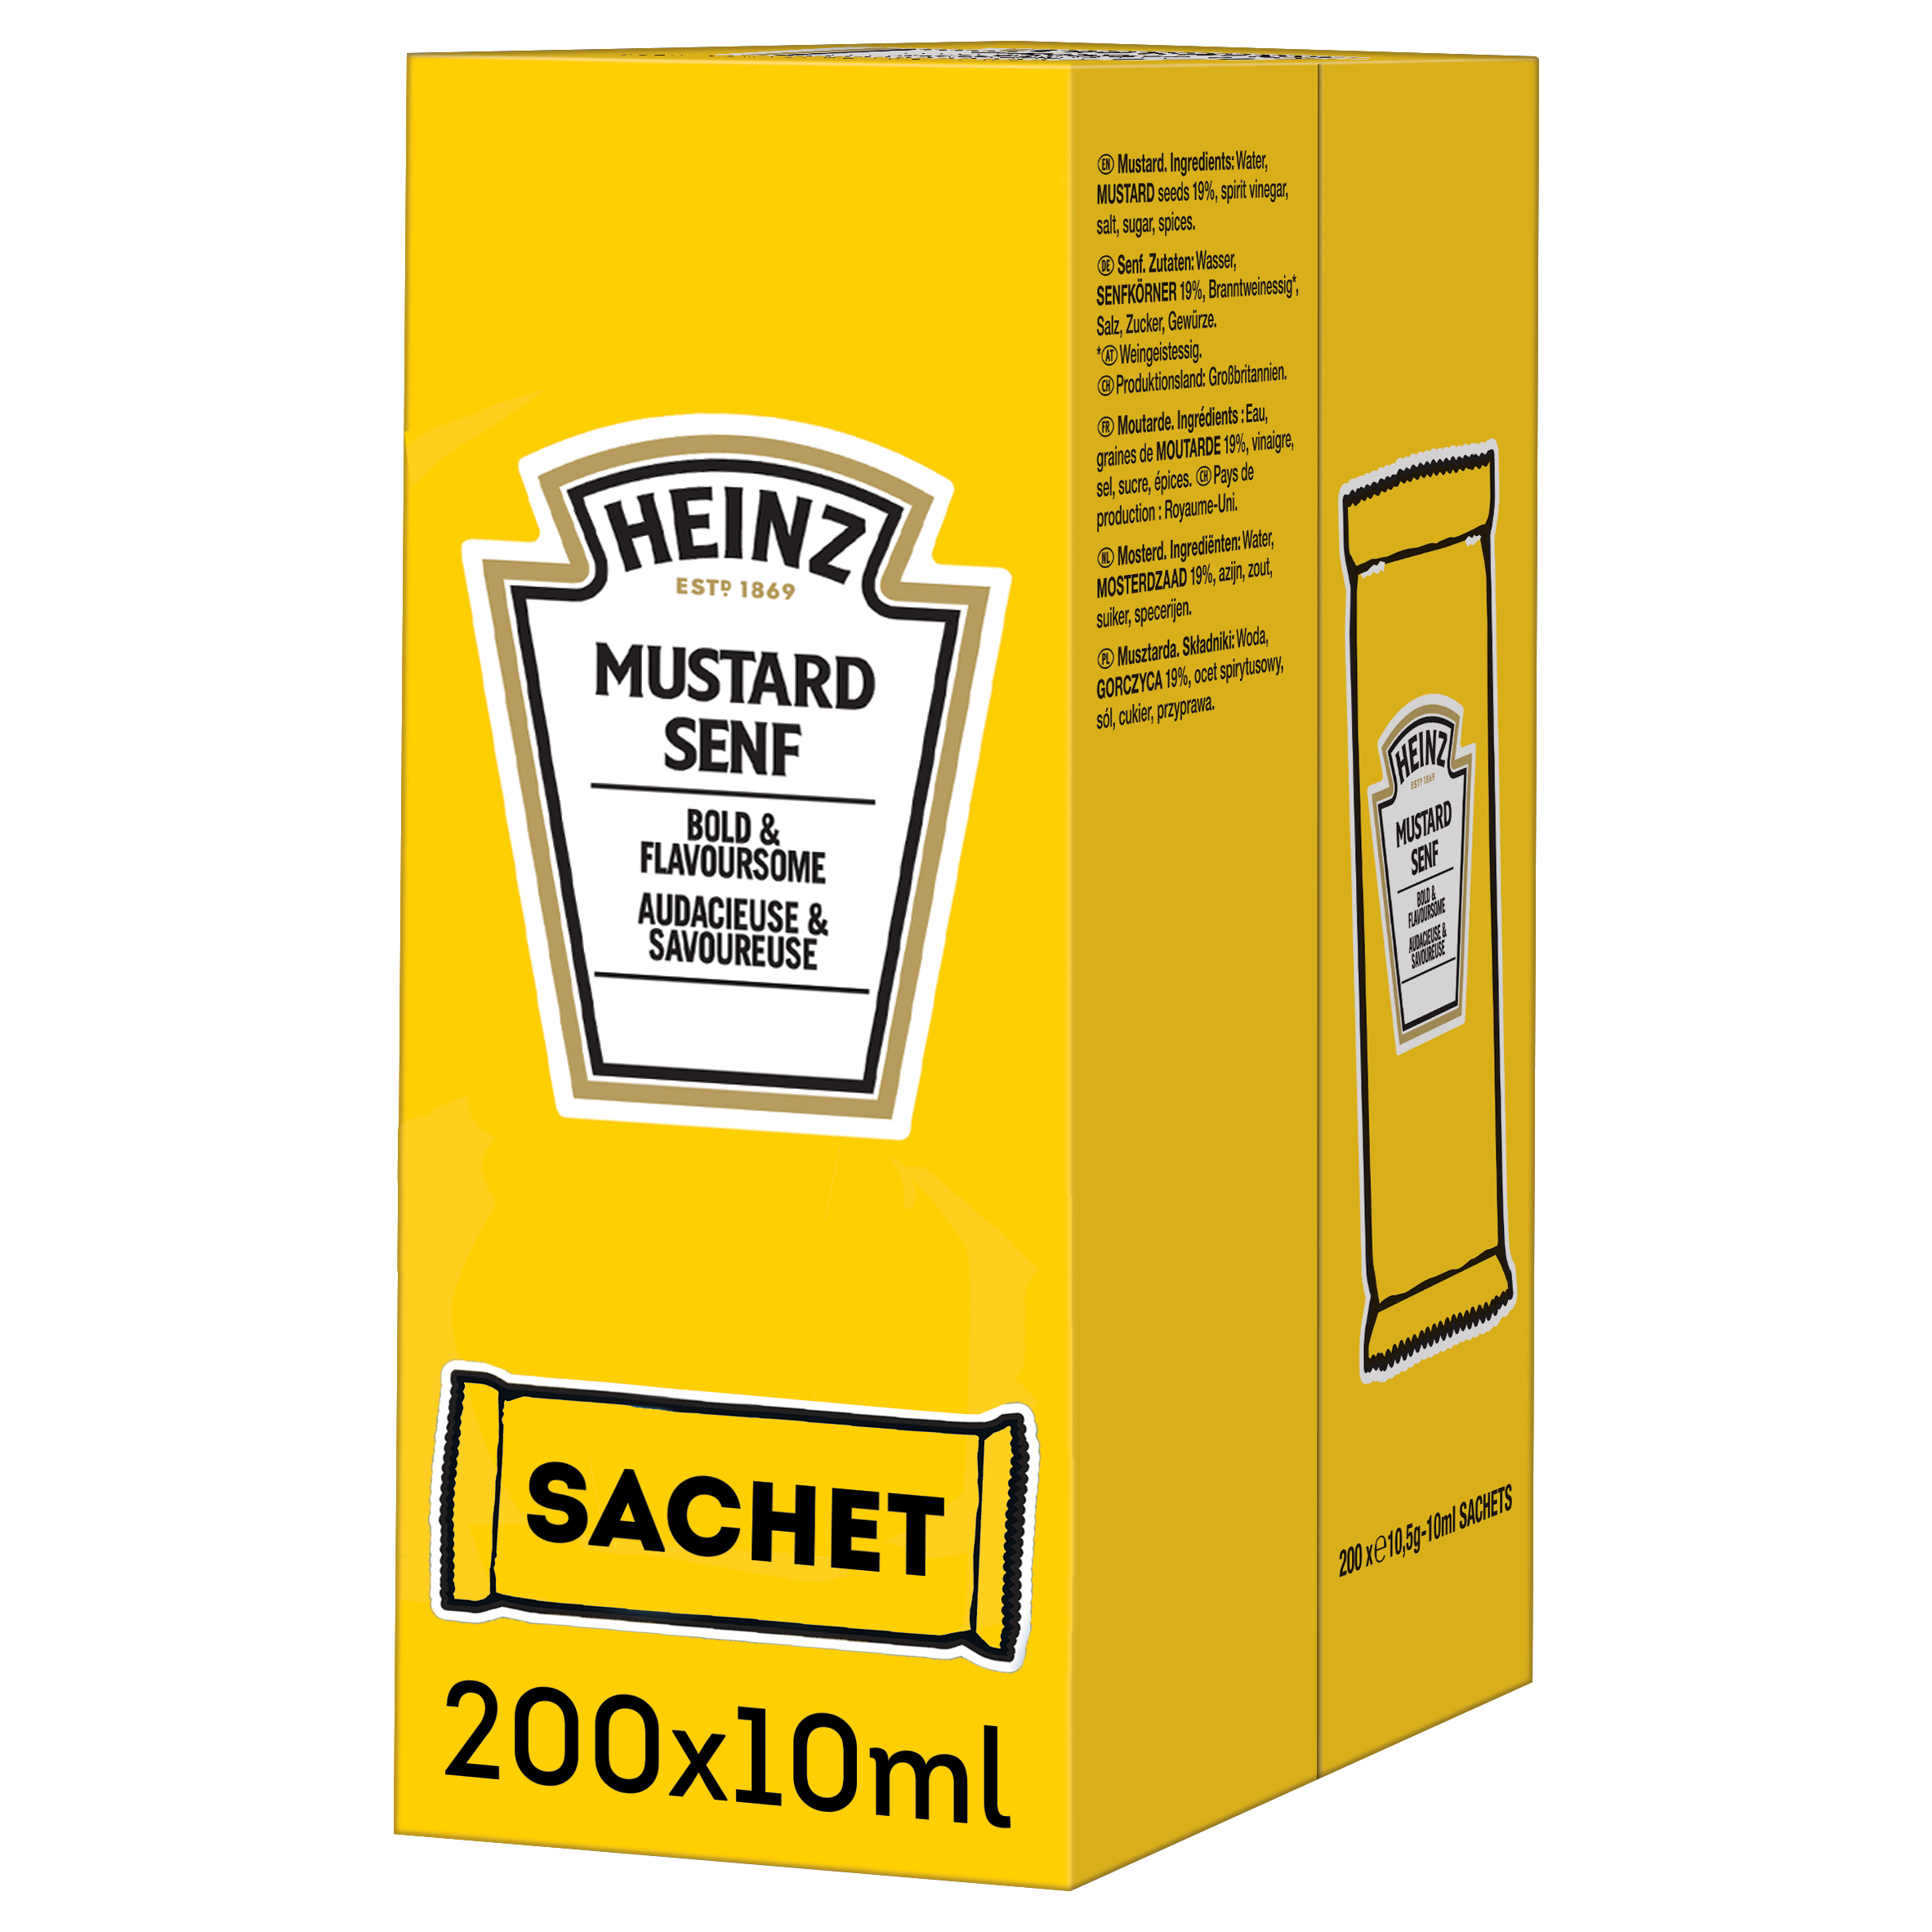 Heinz Mosterd 10ml sachet